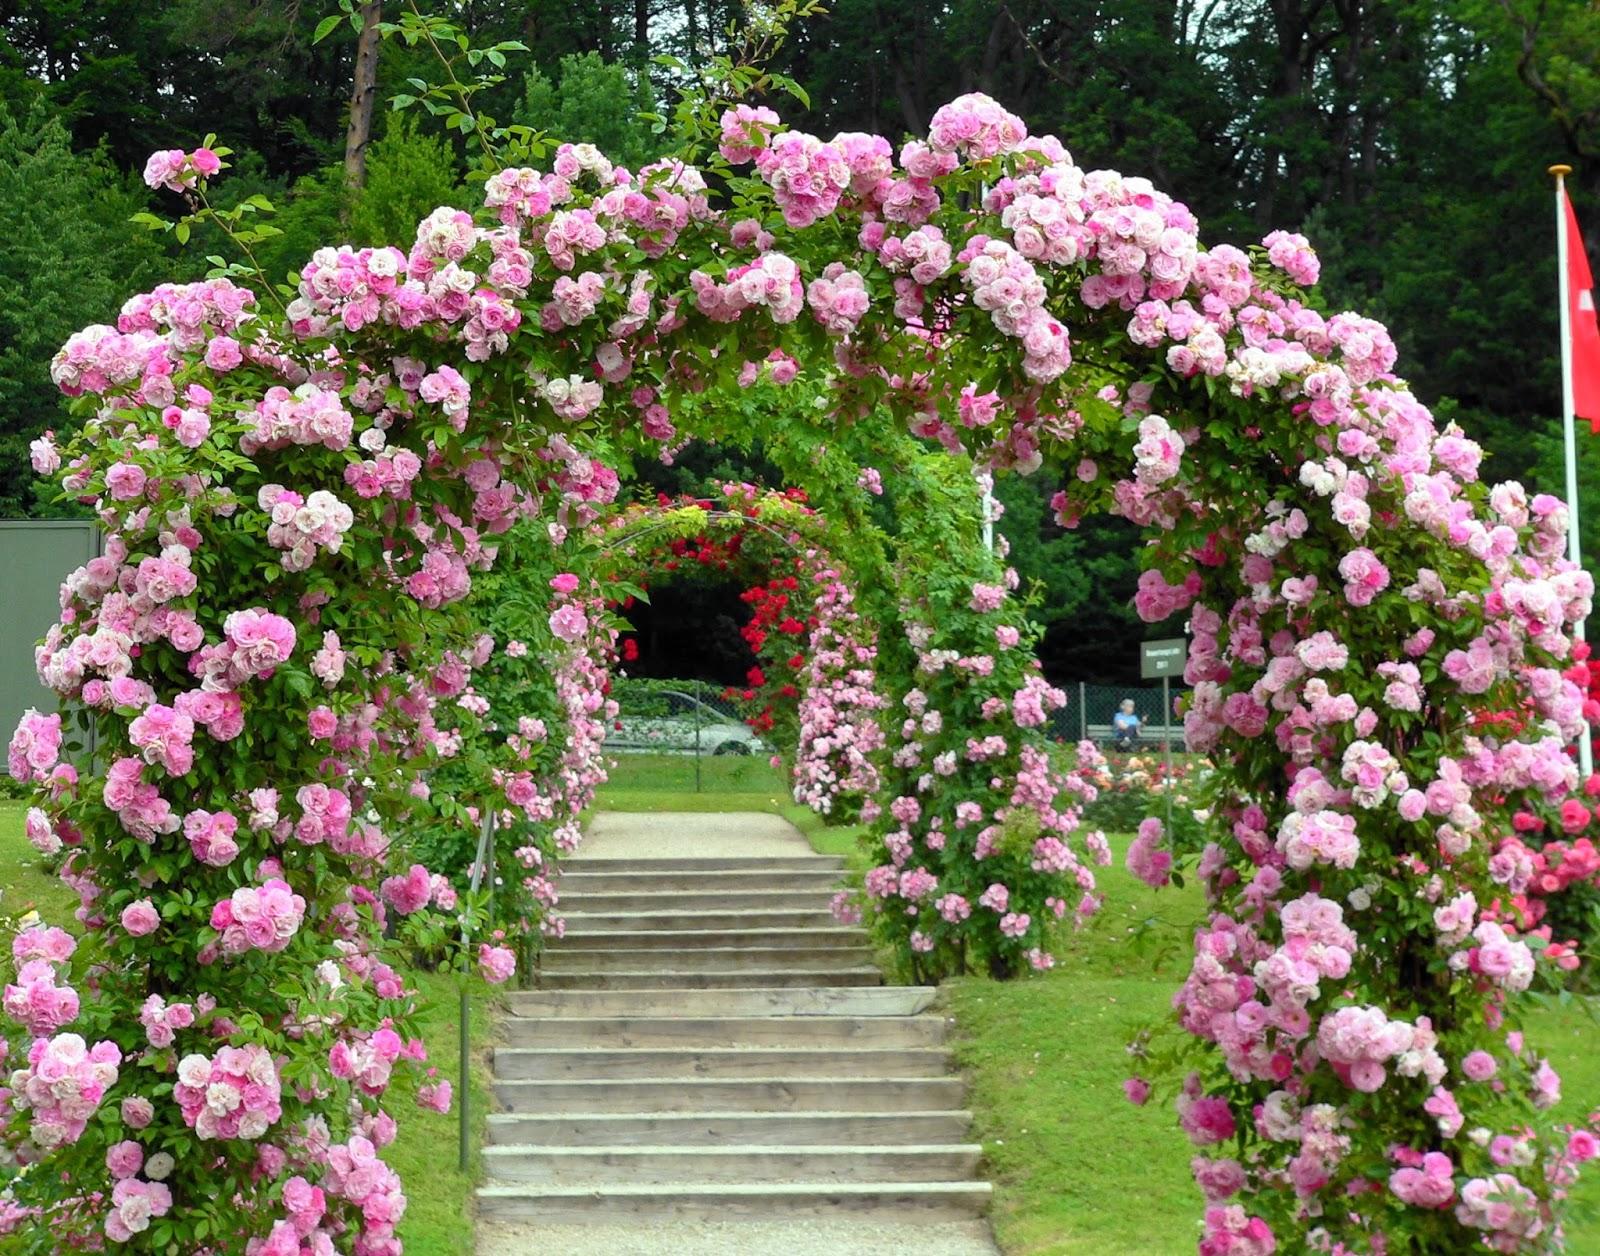 en bratt skr?ning ligger rosehagen Beutig med tusenvis av roser. En ...